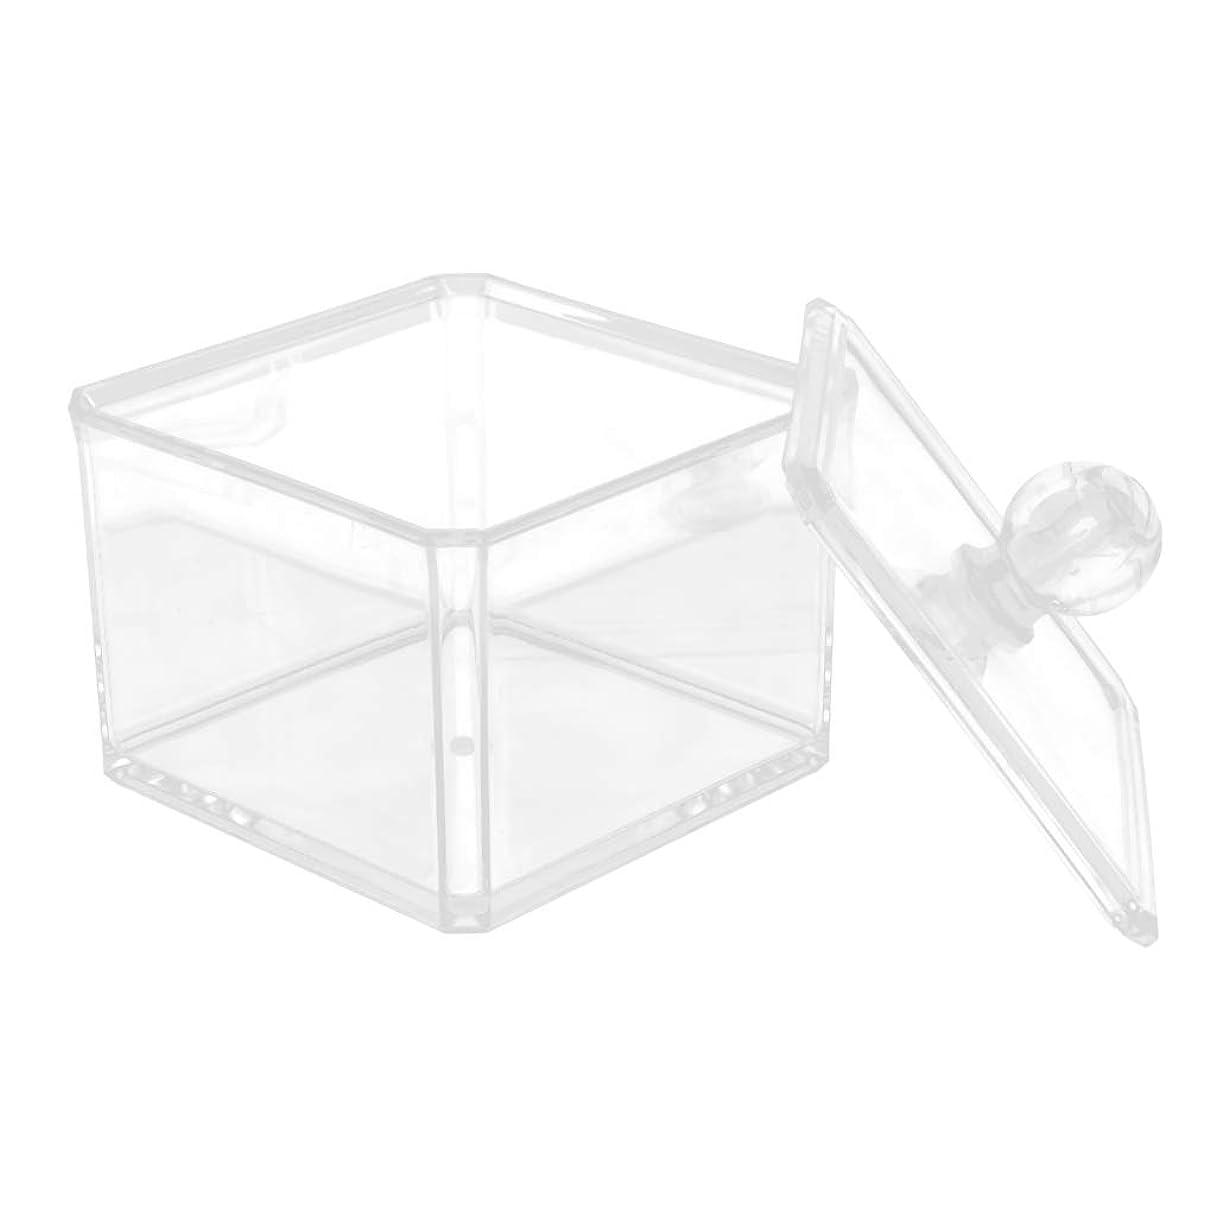 受け皿石化する先にD DOLITY 収納ケース クリア 小物入り 綿棒 化粧パッド コットンスワブ 収納ボックス 2サイズ選べ - 9.4x7cm